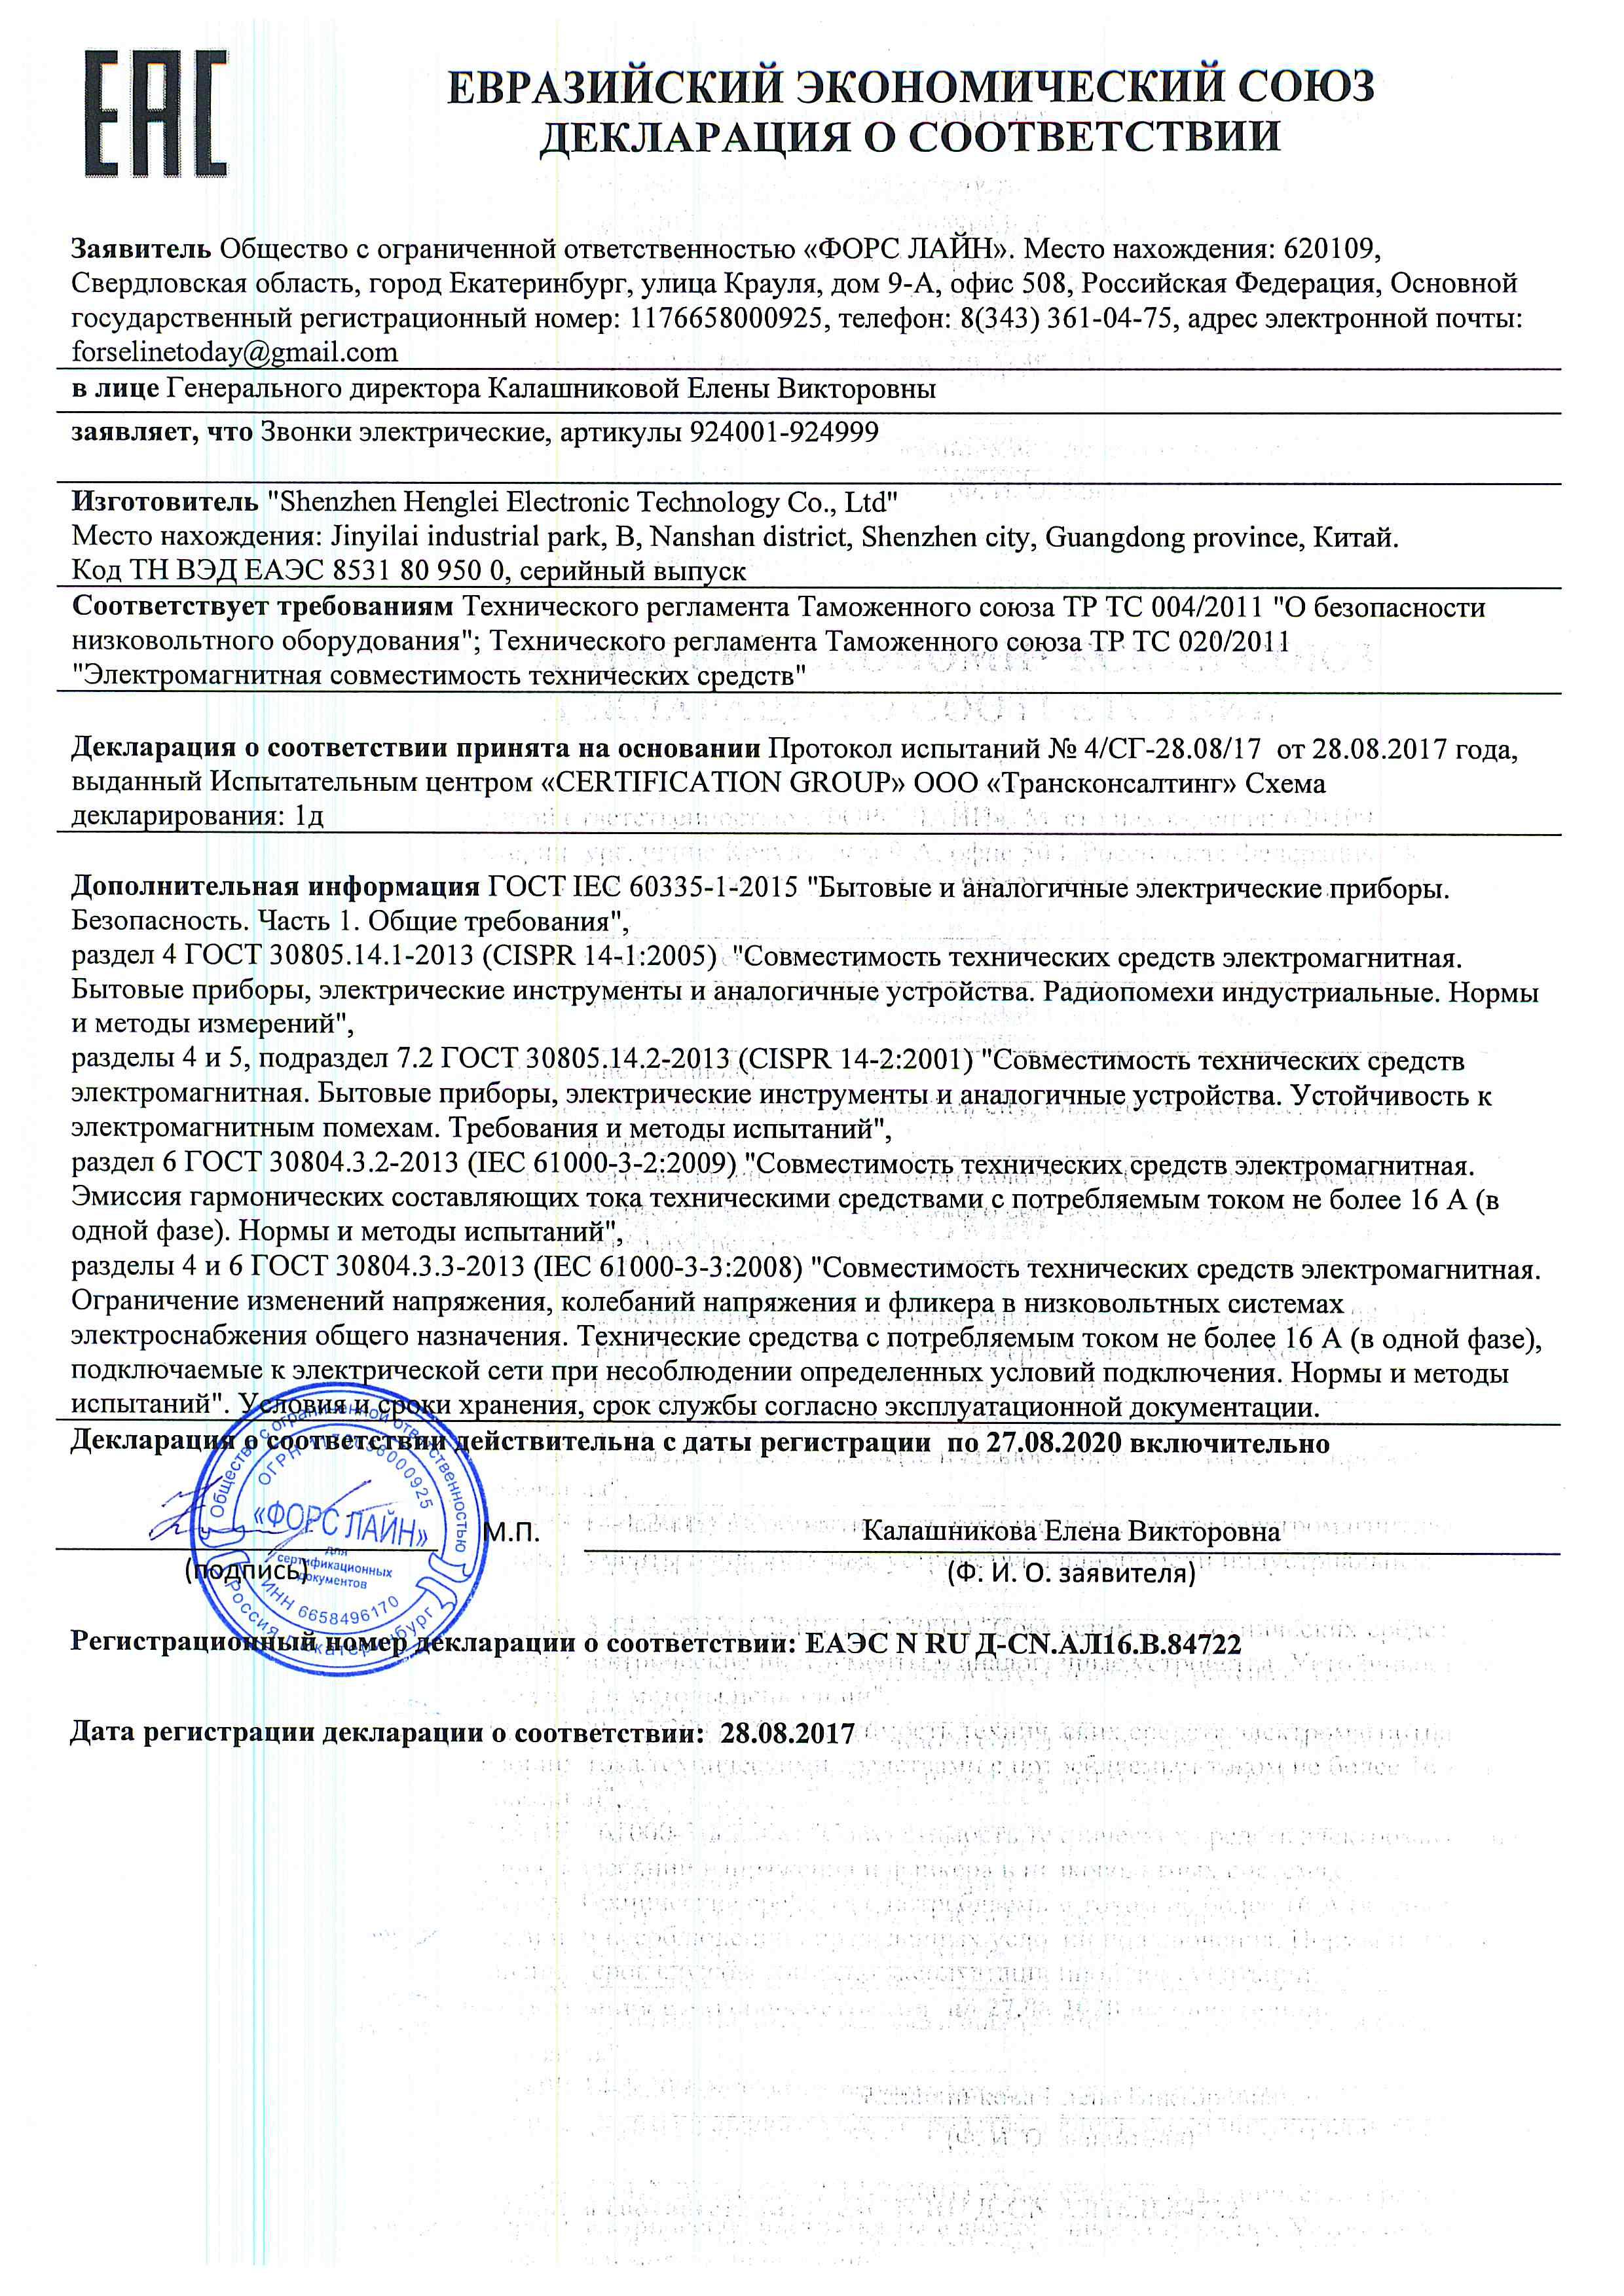 RUD-CN.AL16.V.84722.jpg